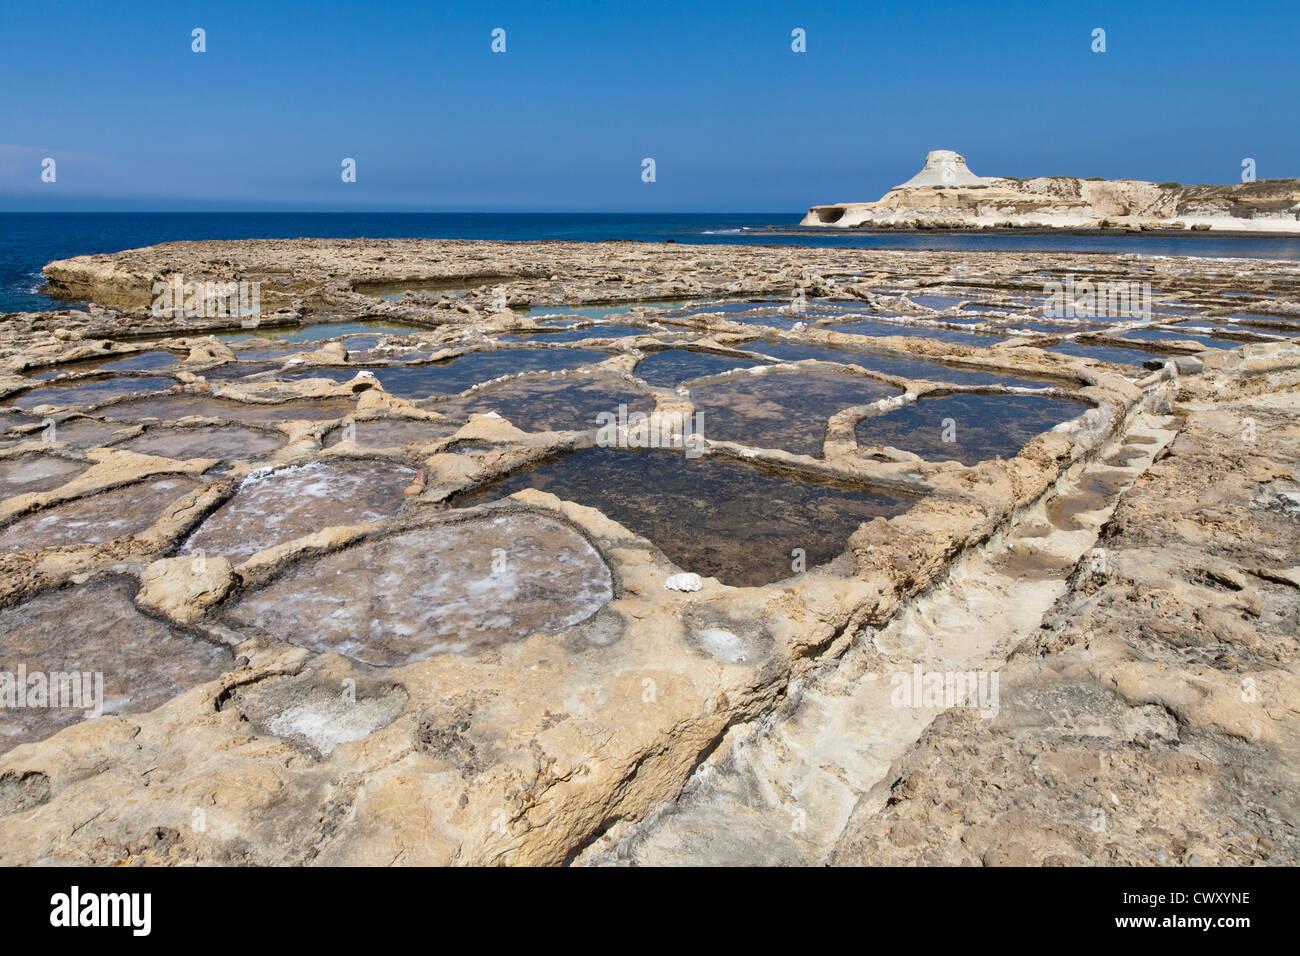 Saline vicino a Qbajjar sulla strada di Marsalforn, isola di Gozo, Mare Mediterraneo. Immagini Stock